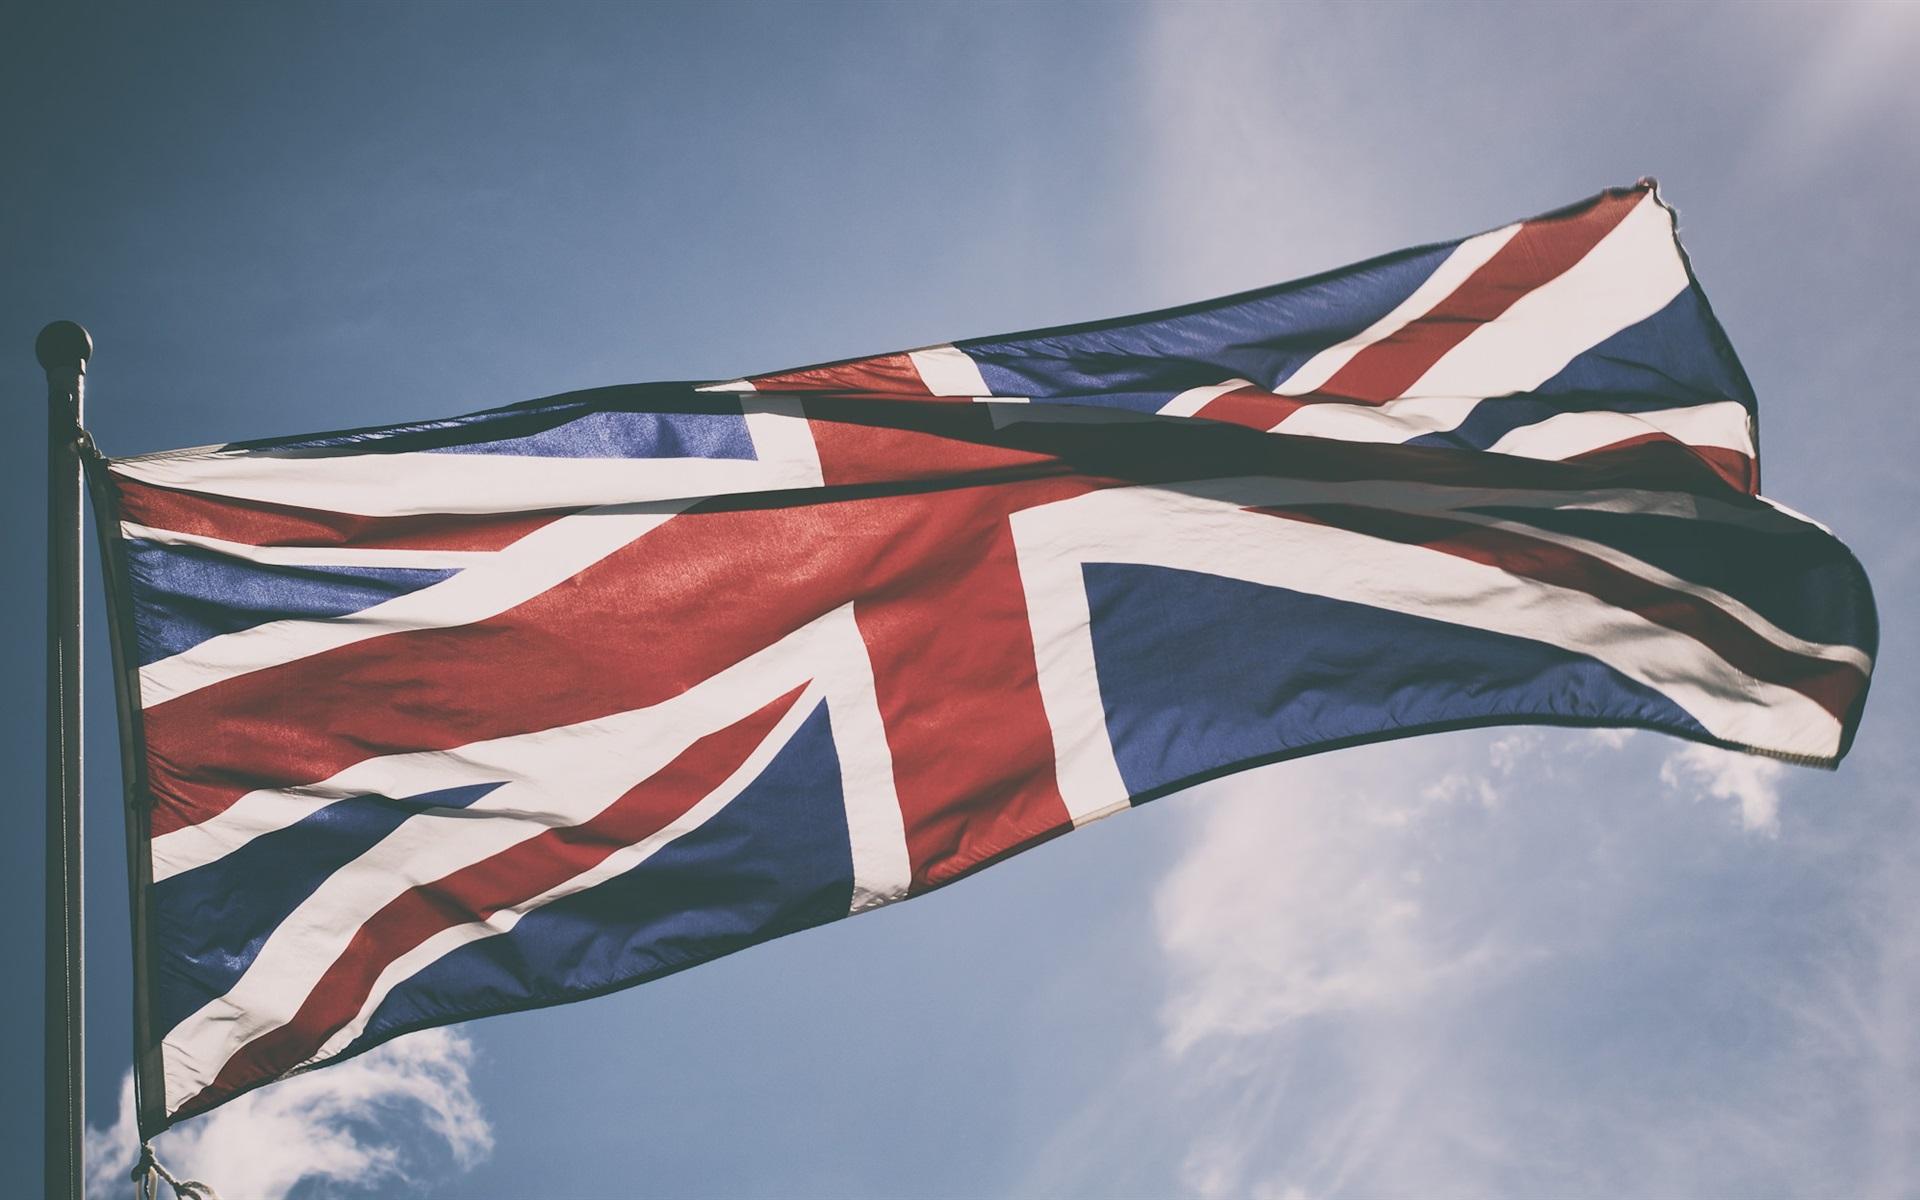 新研究:反吸烟可为英国节省数十亿美元,吸烟成本远比想象得多!